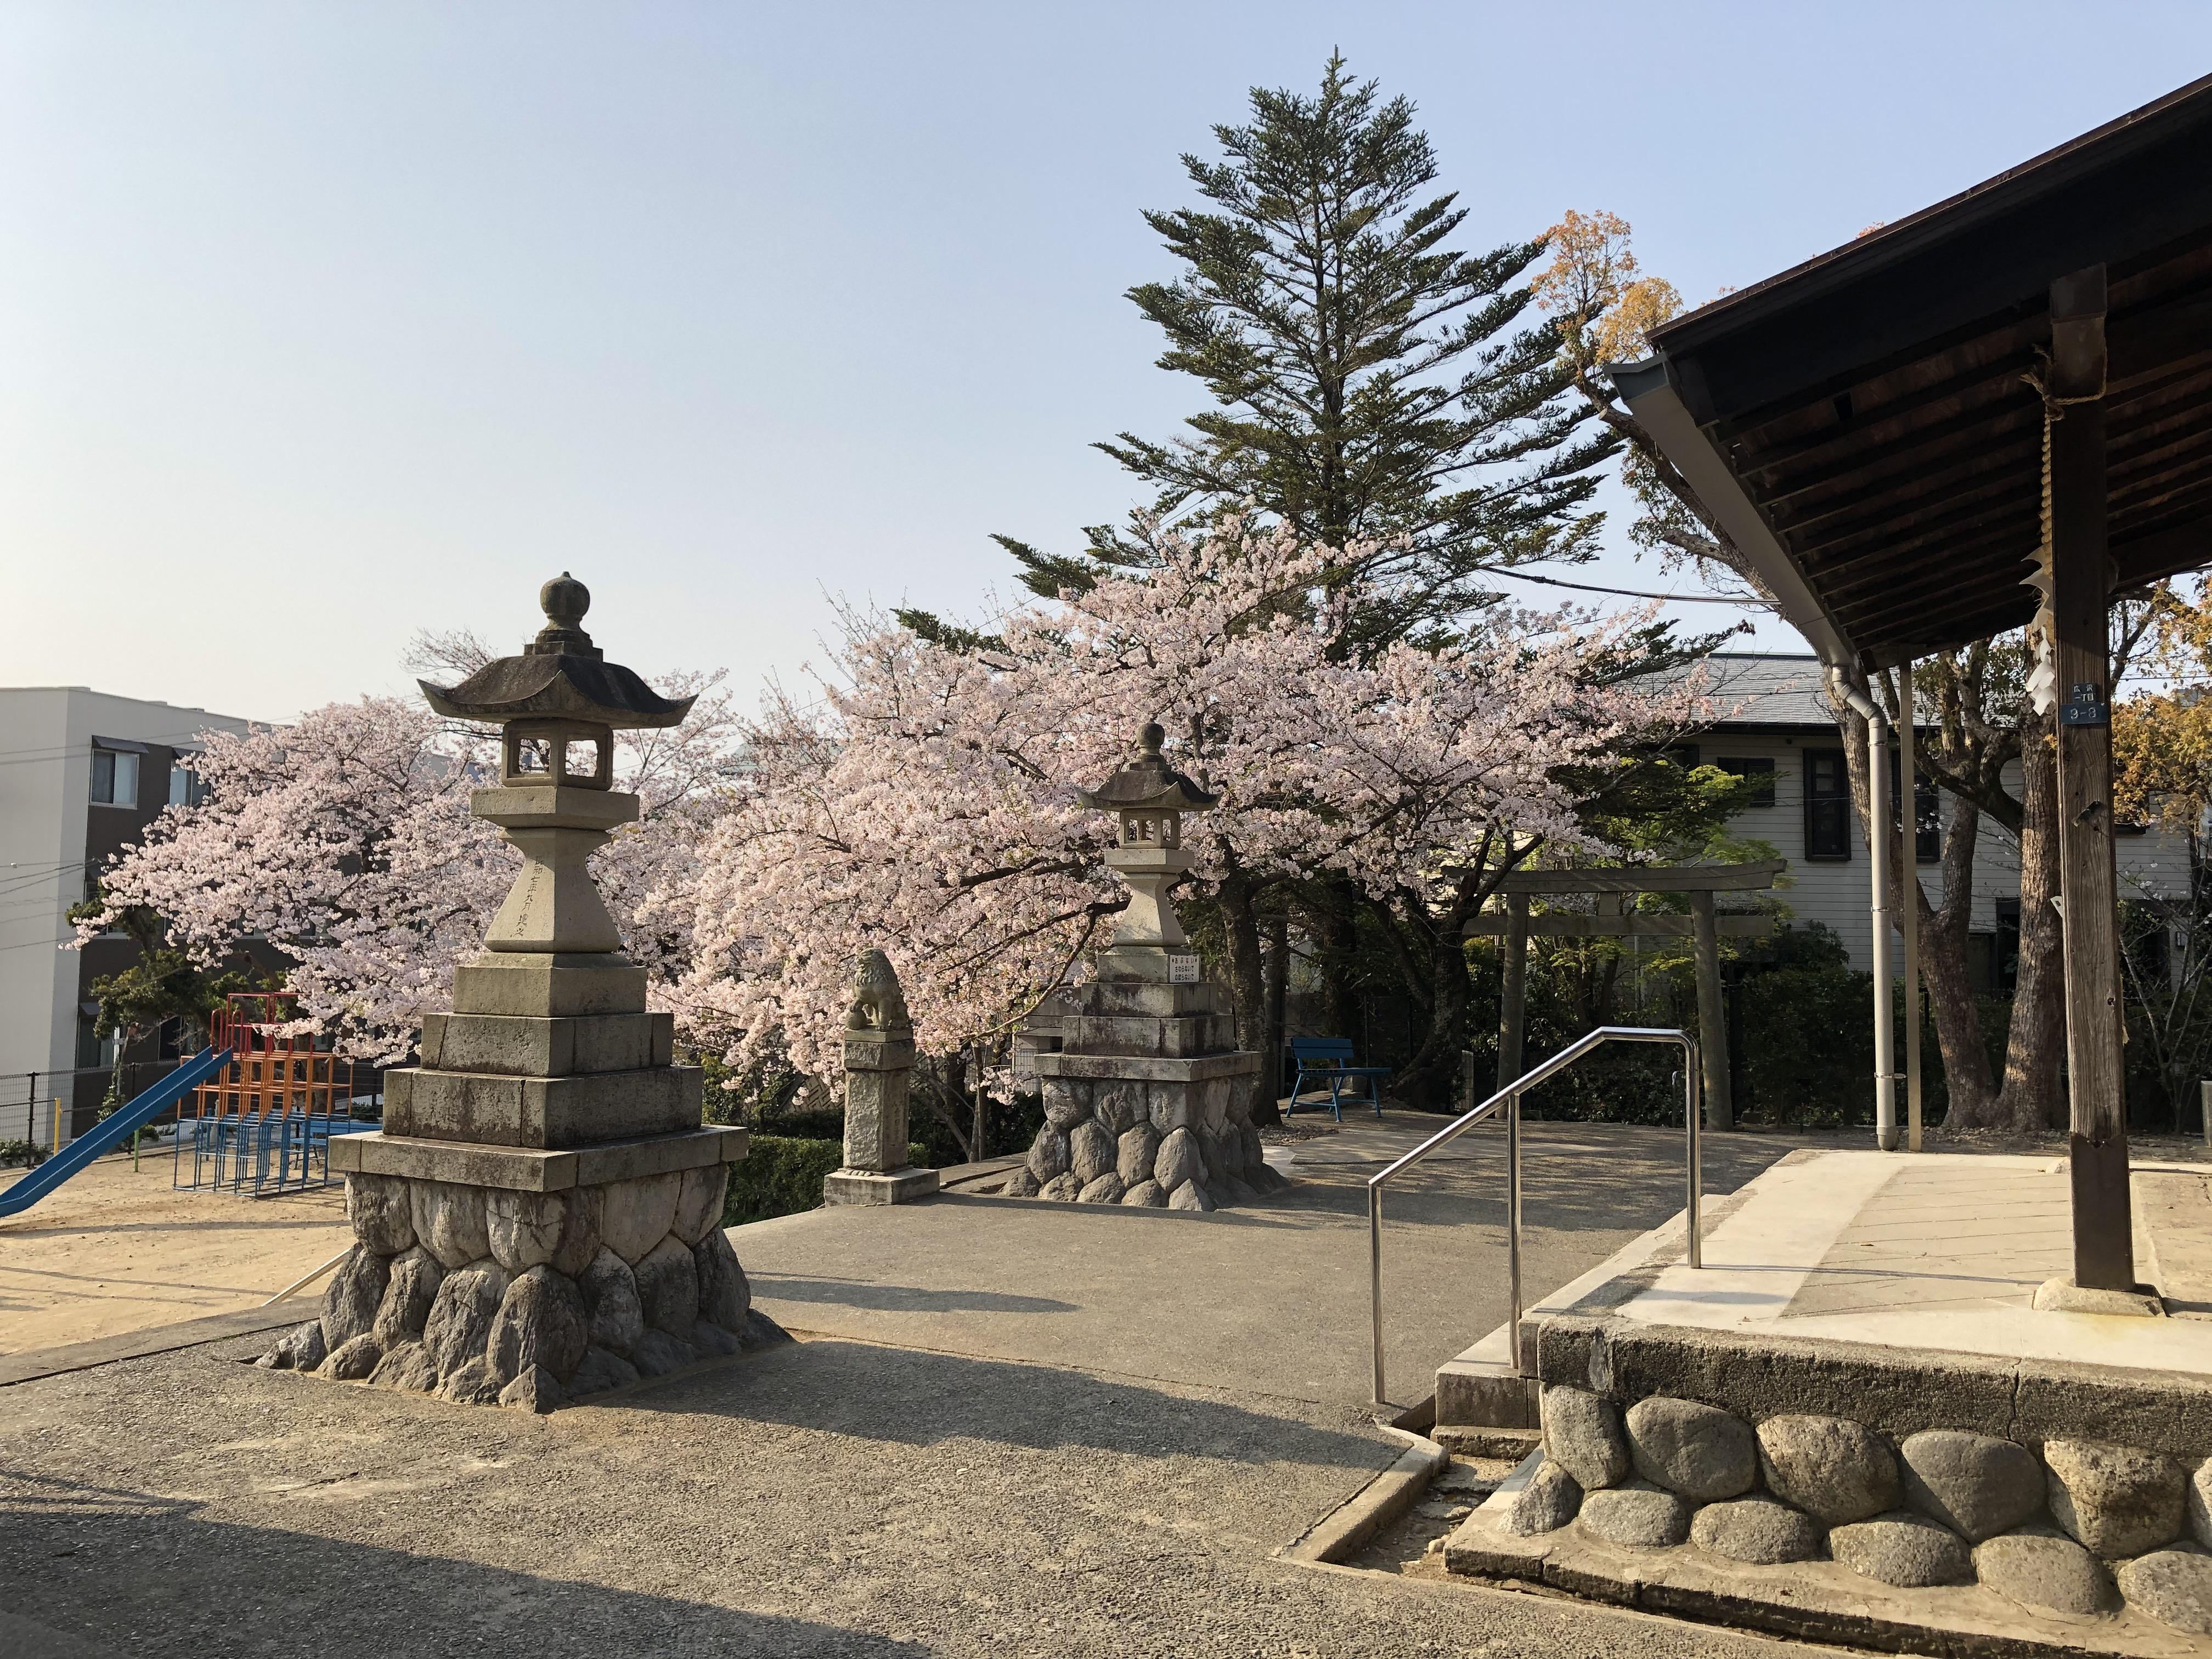 20190407浜松まつり準備 - 日枝神社の桜